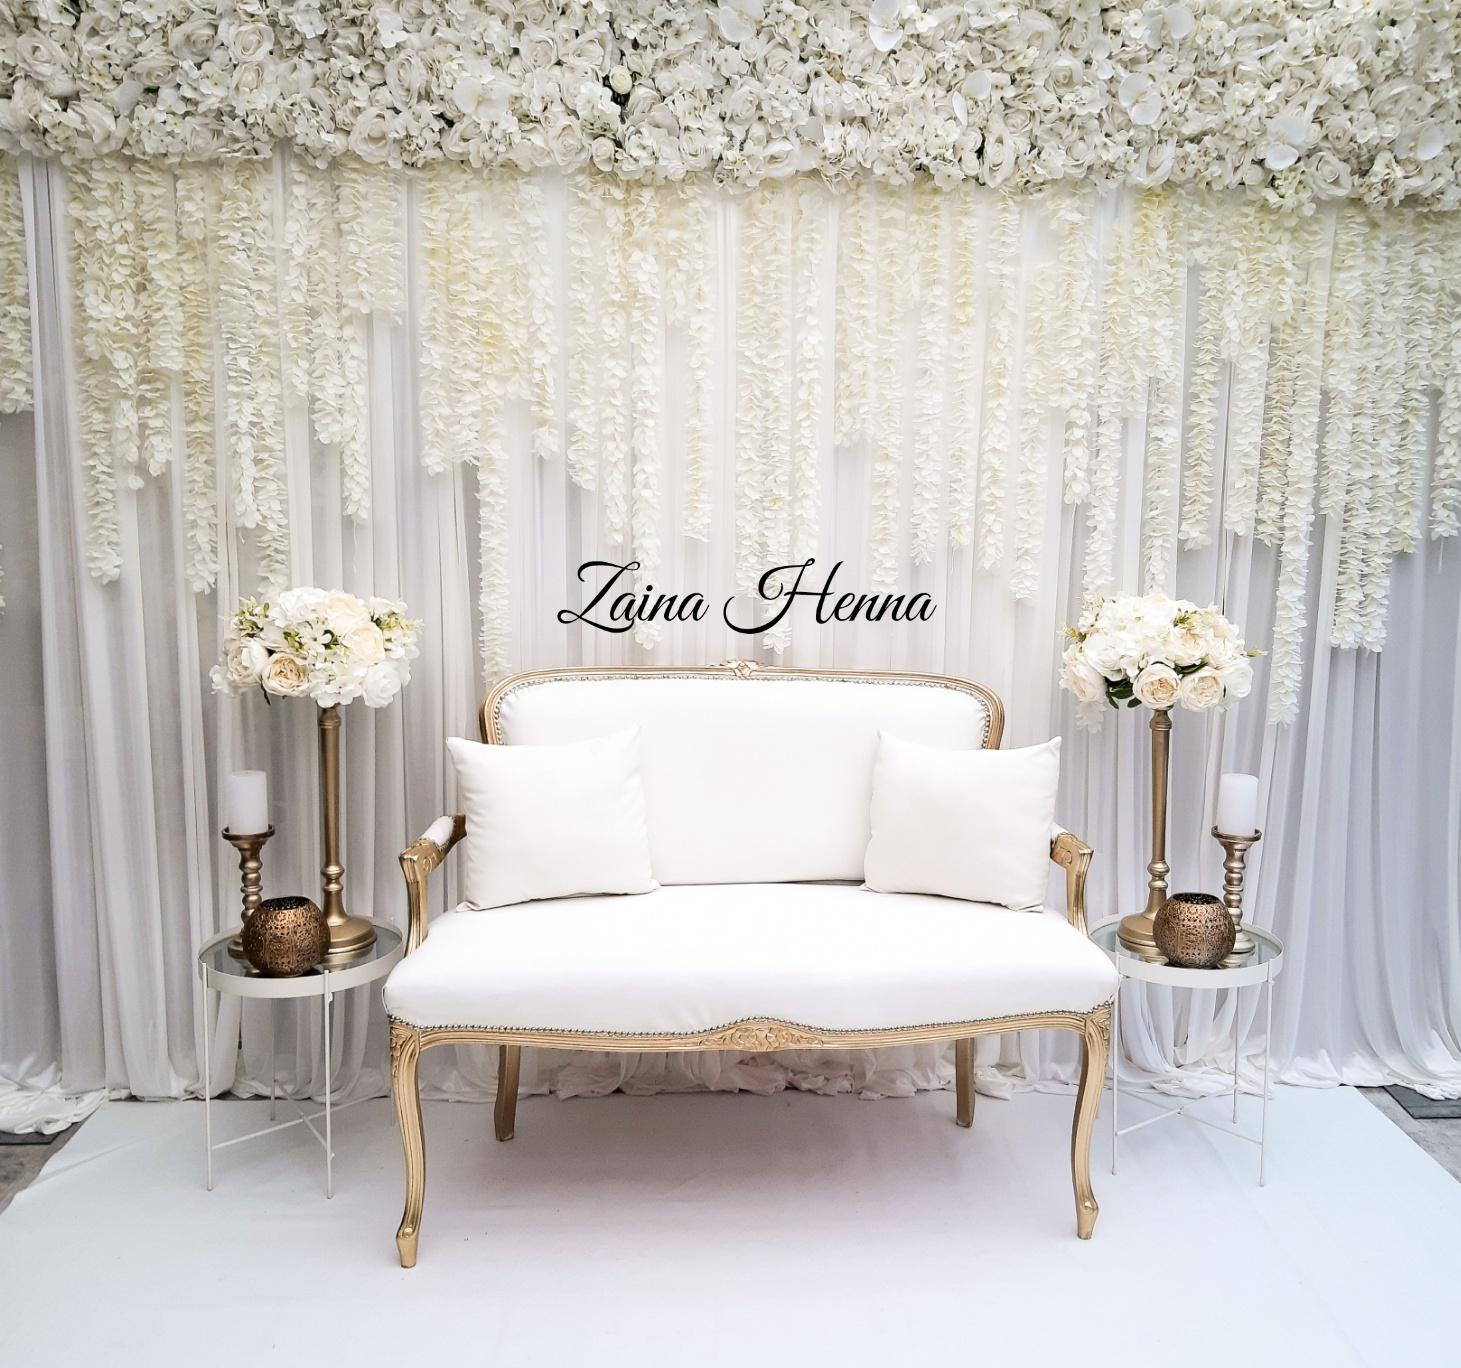 Queen Anne Bank met achterwand gordijnen wit & bijzet tafels en accessoires goud/wit €180,-